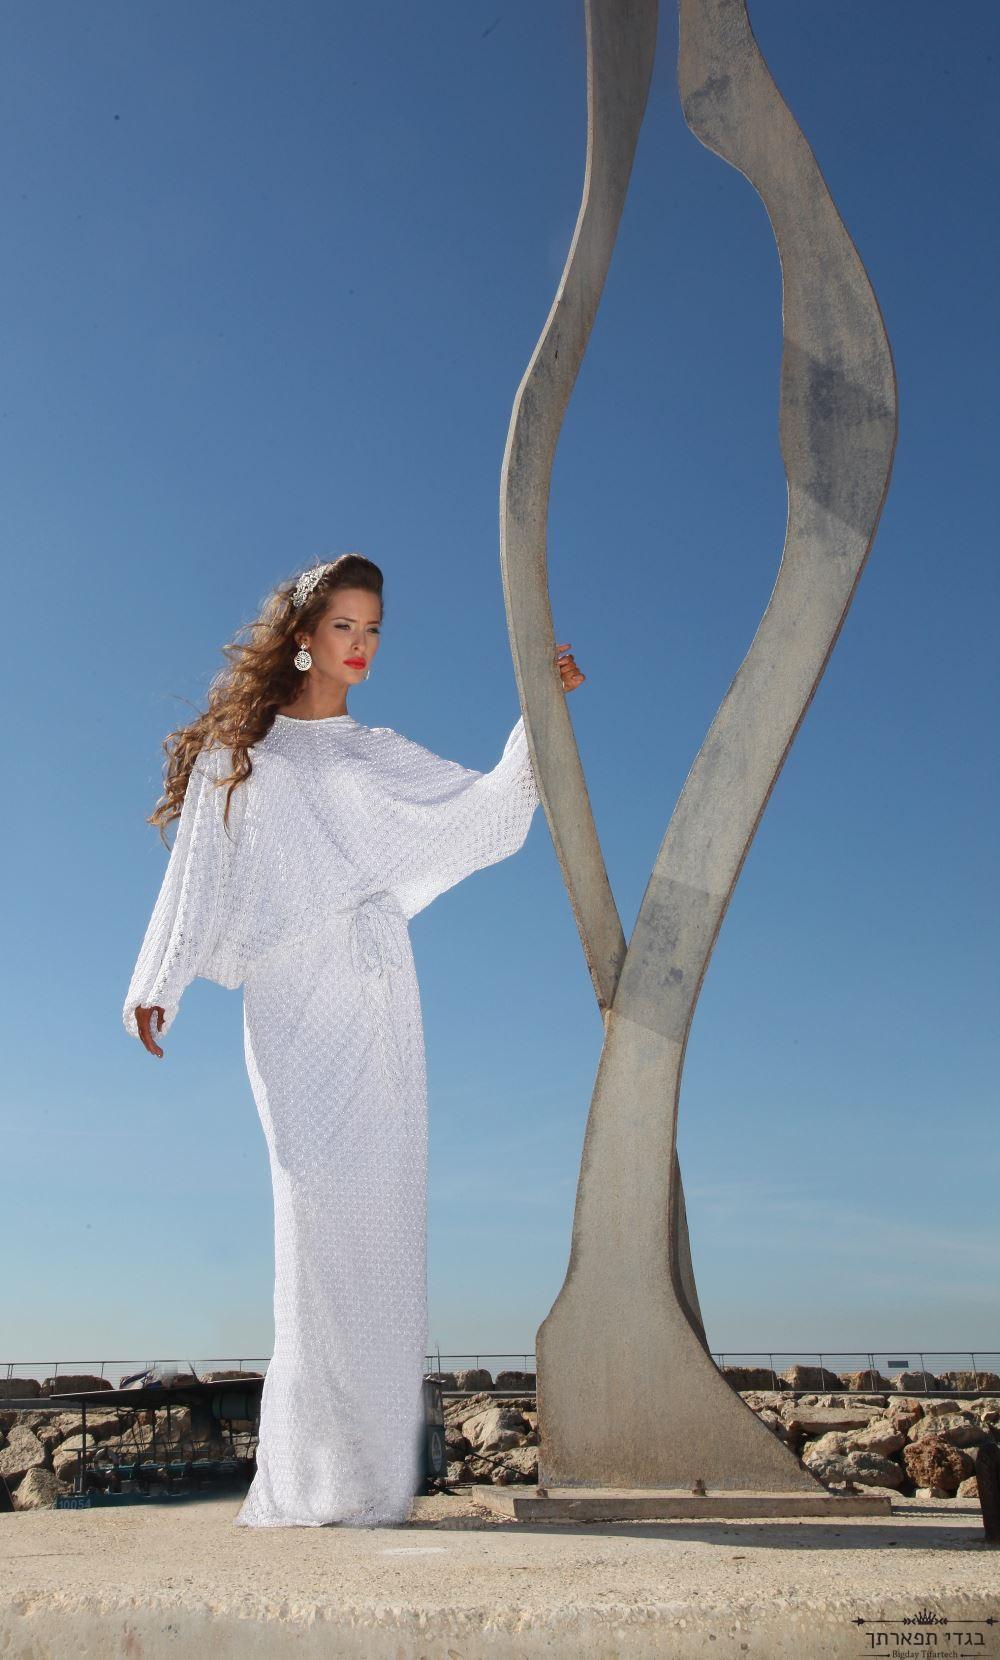 שמלת מיסוני לבנה